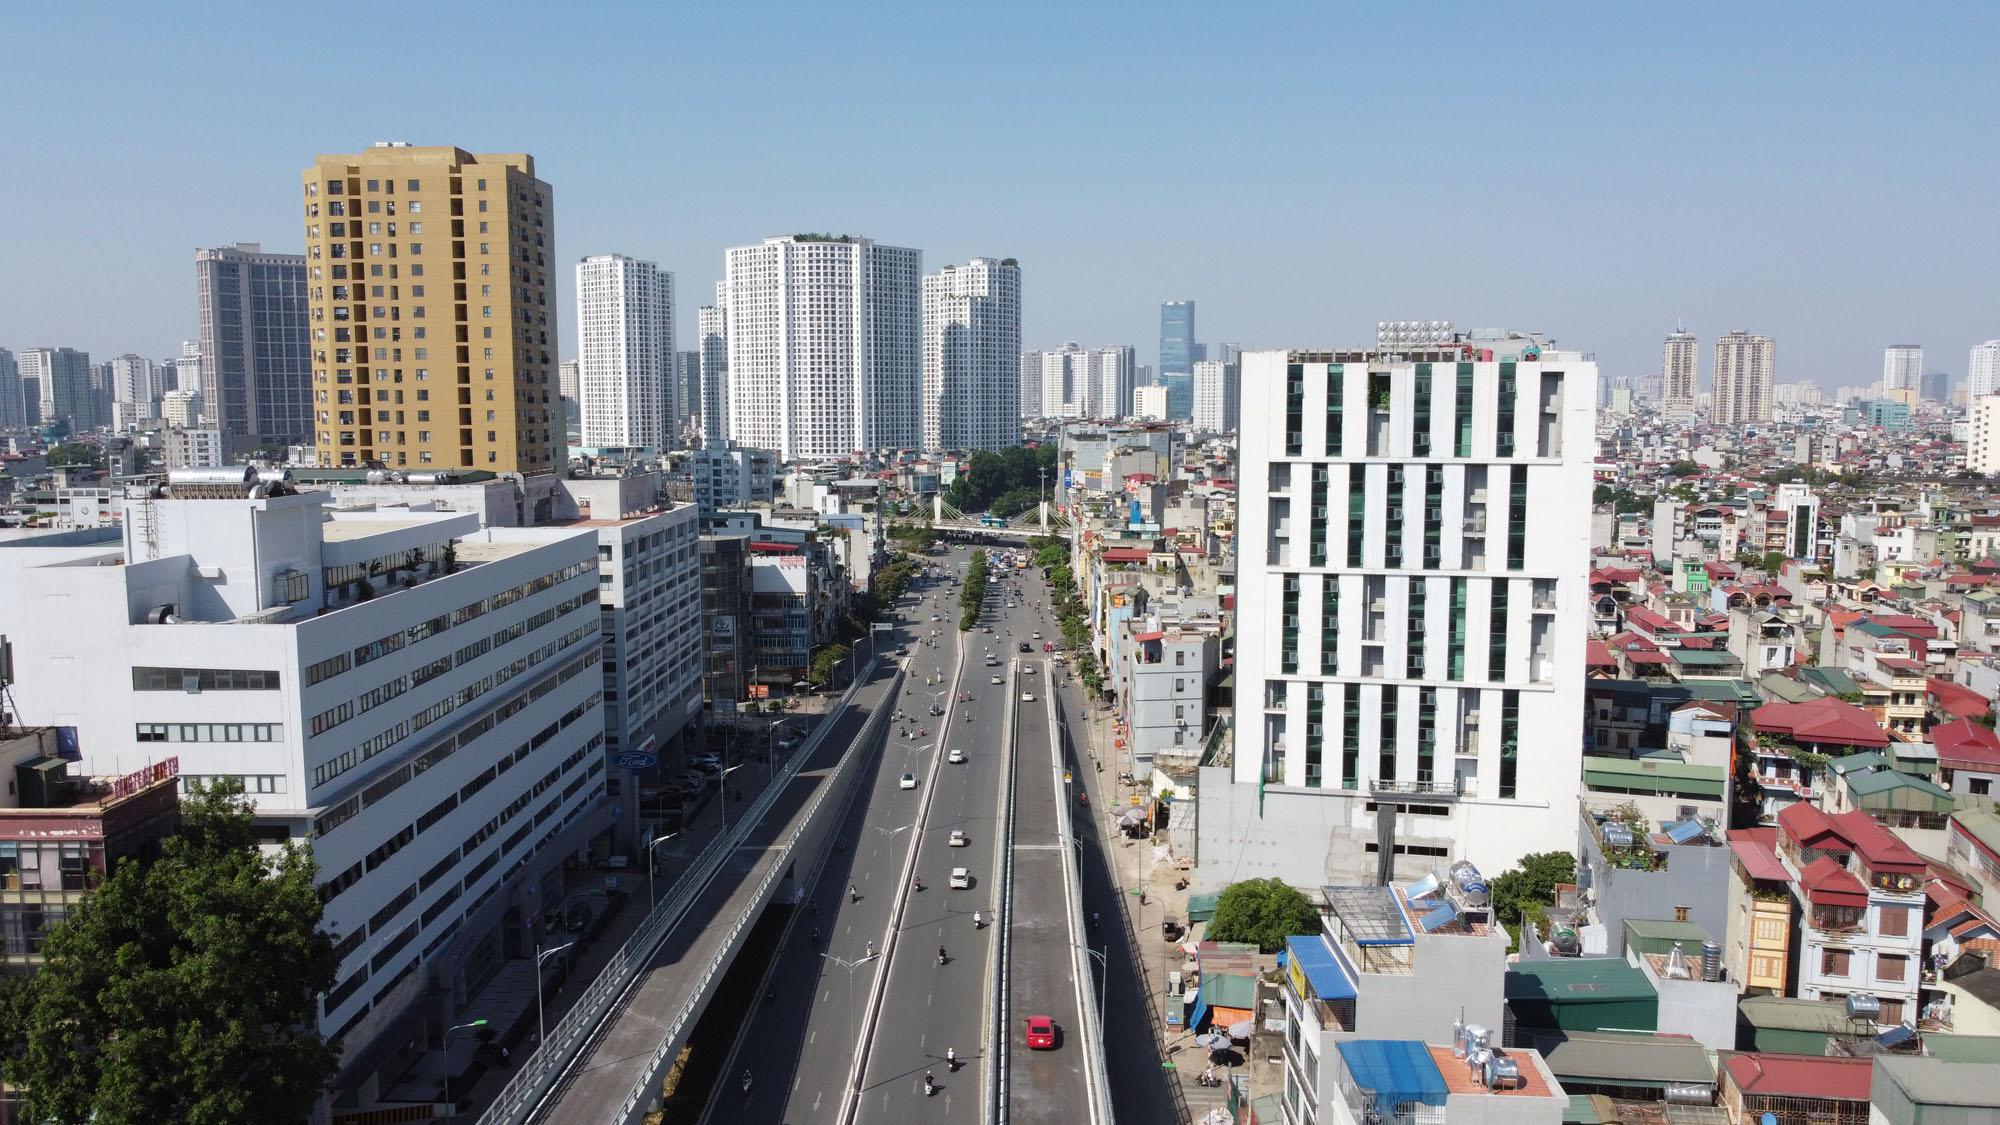 Nhìn lại một thập kỉ tăng giá nhà ở Việt Nam - Ảnh 1.